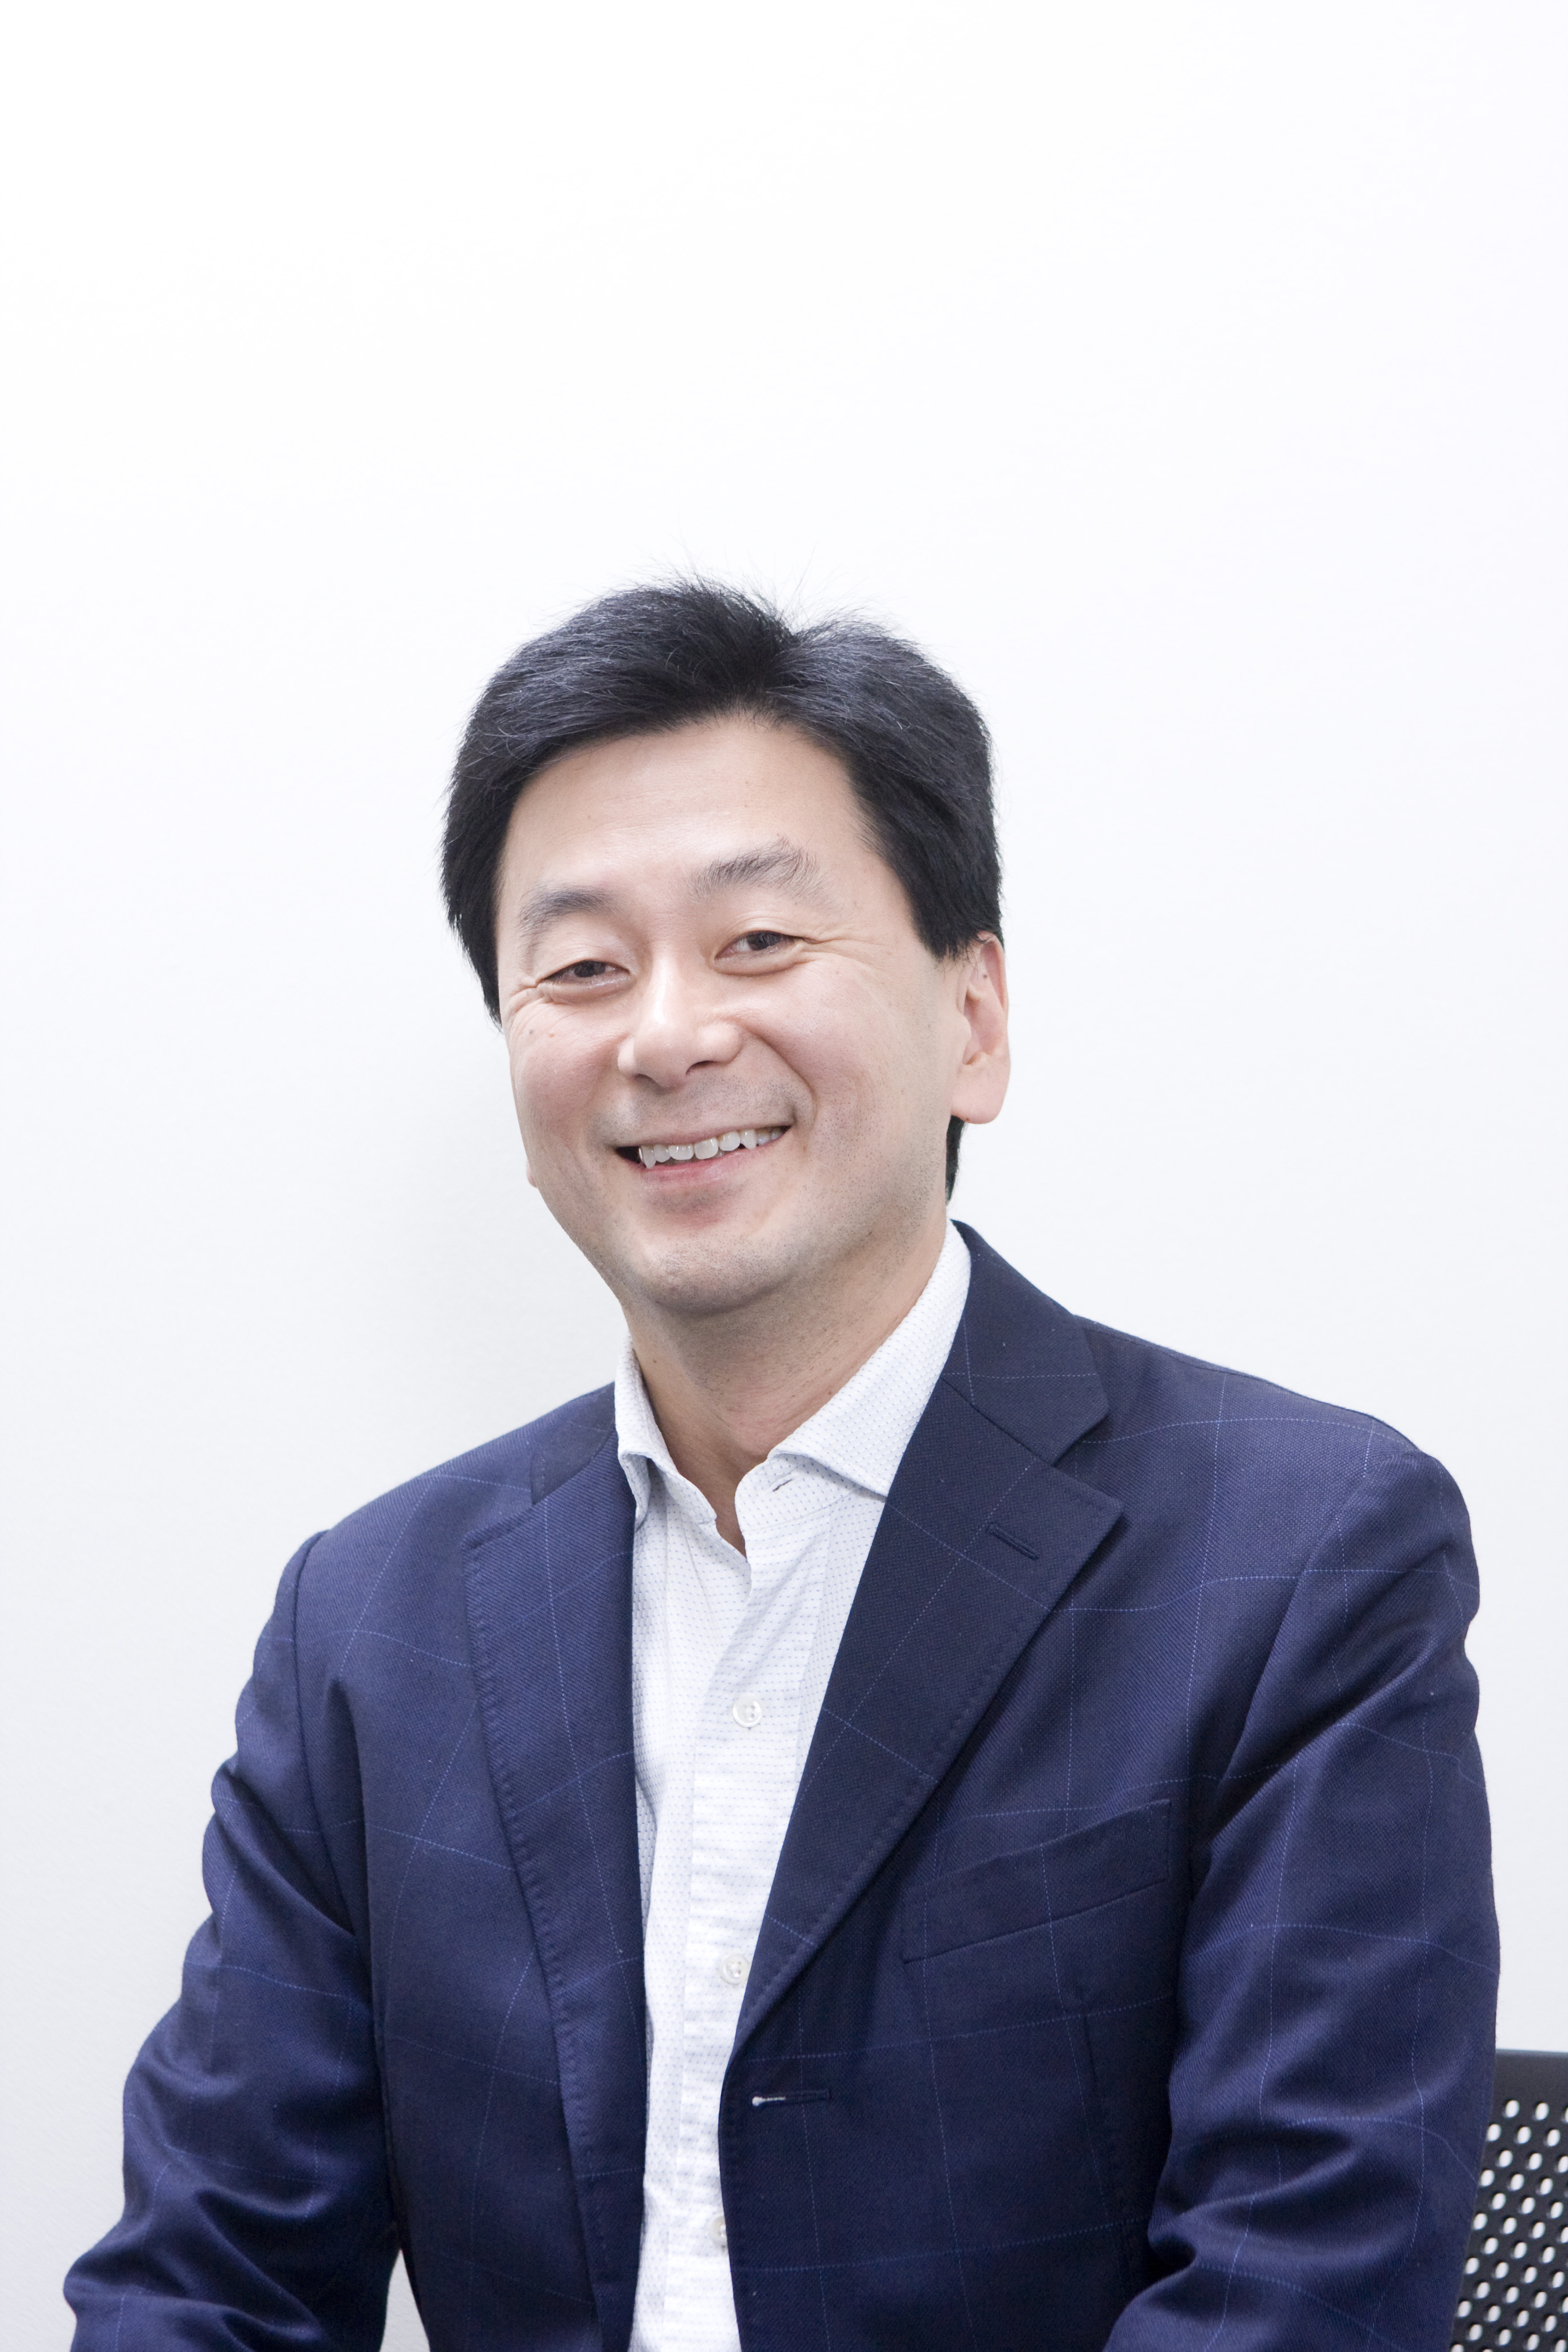 株式会社フィリップスエレクトロニクスジャパン 人事本部長 水上 雅人 氏